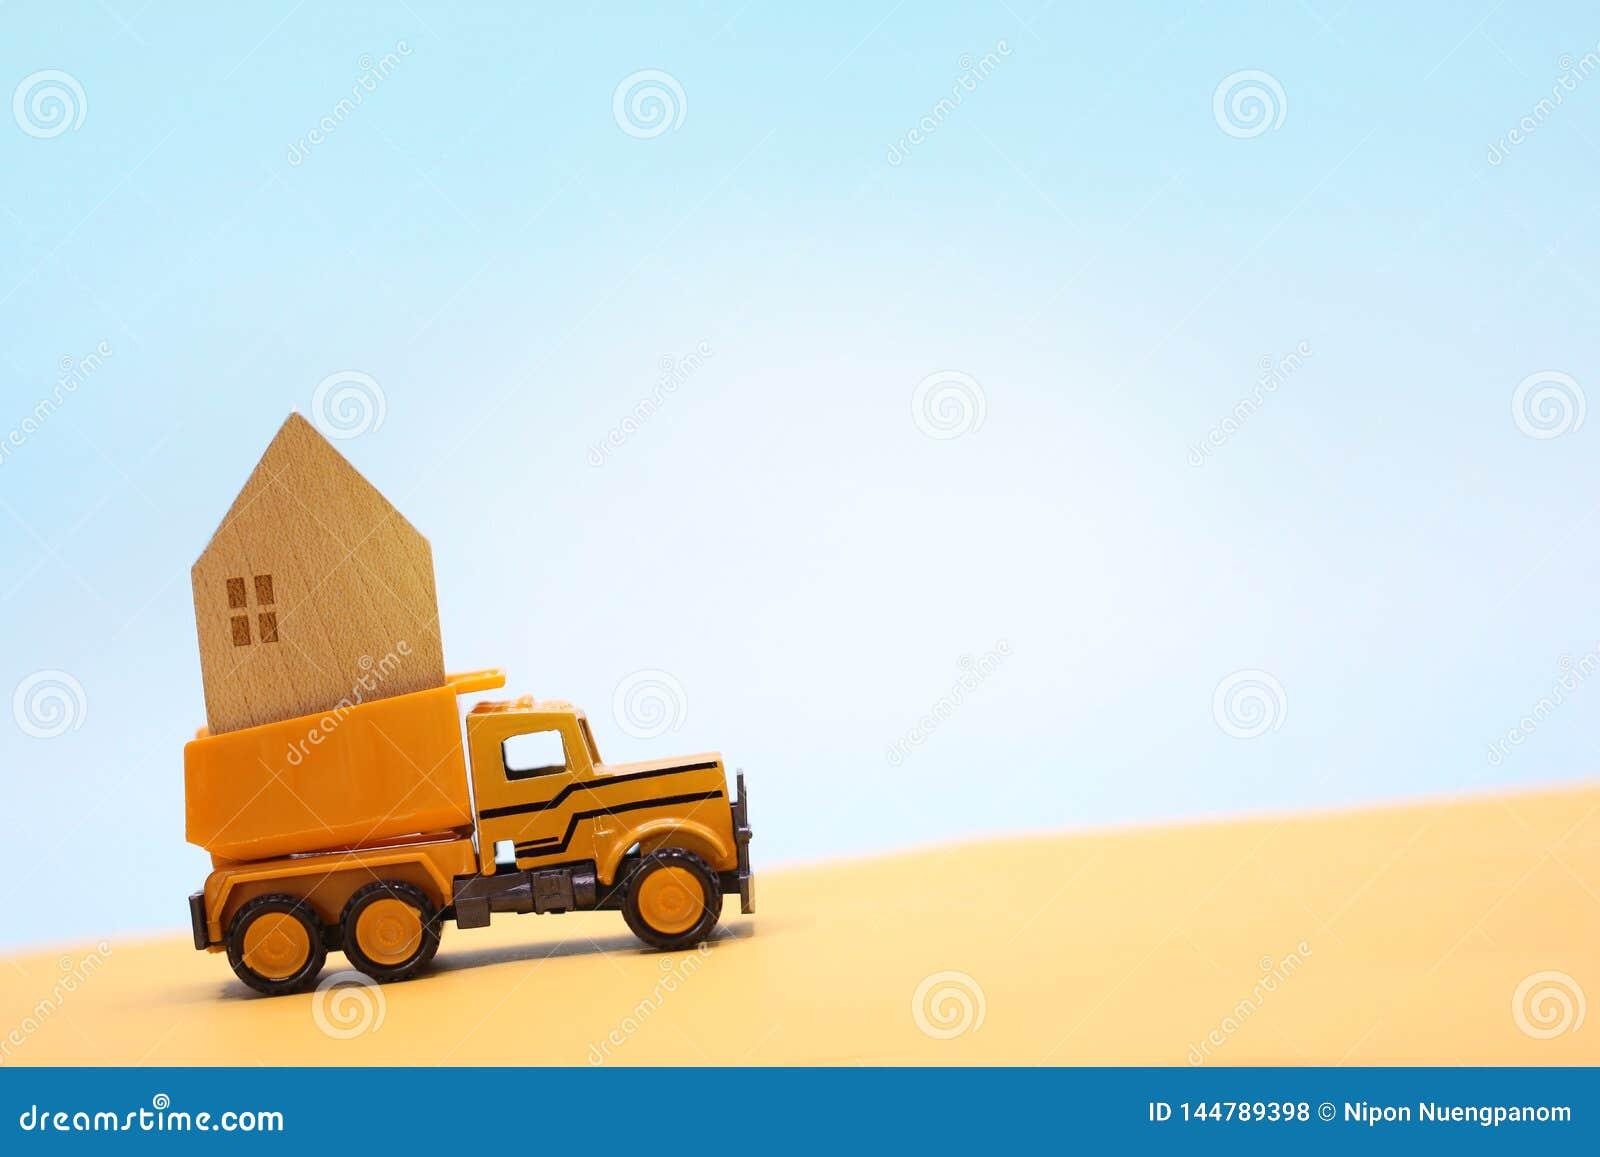 Το ξύλινο σπίτι συνεχίζει το κίτρινο φορτηγό παιχνιδιών στην έρημο κάτω από το μπλε ουρανό